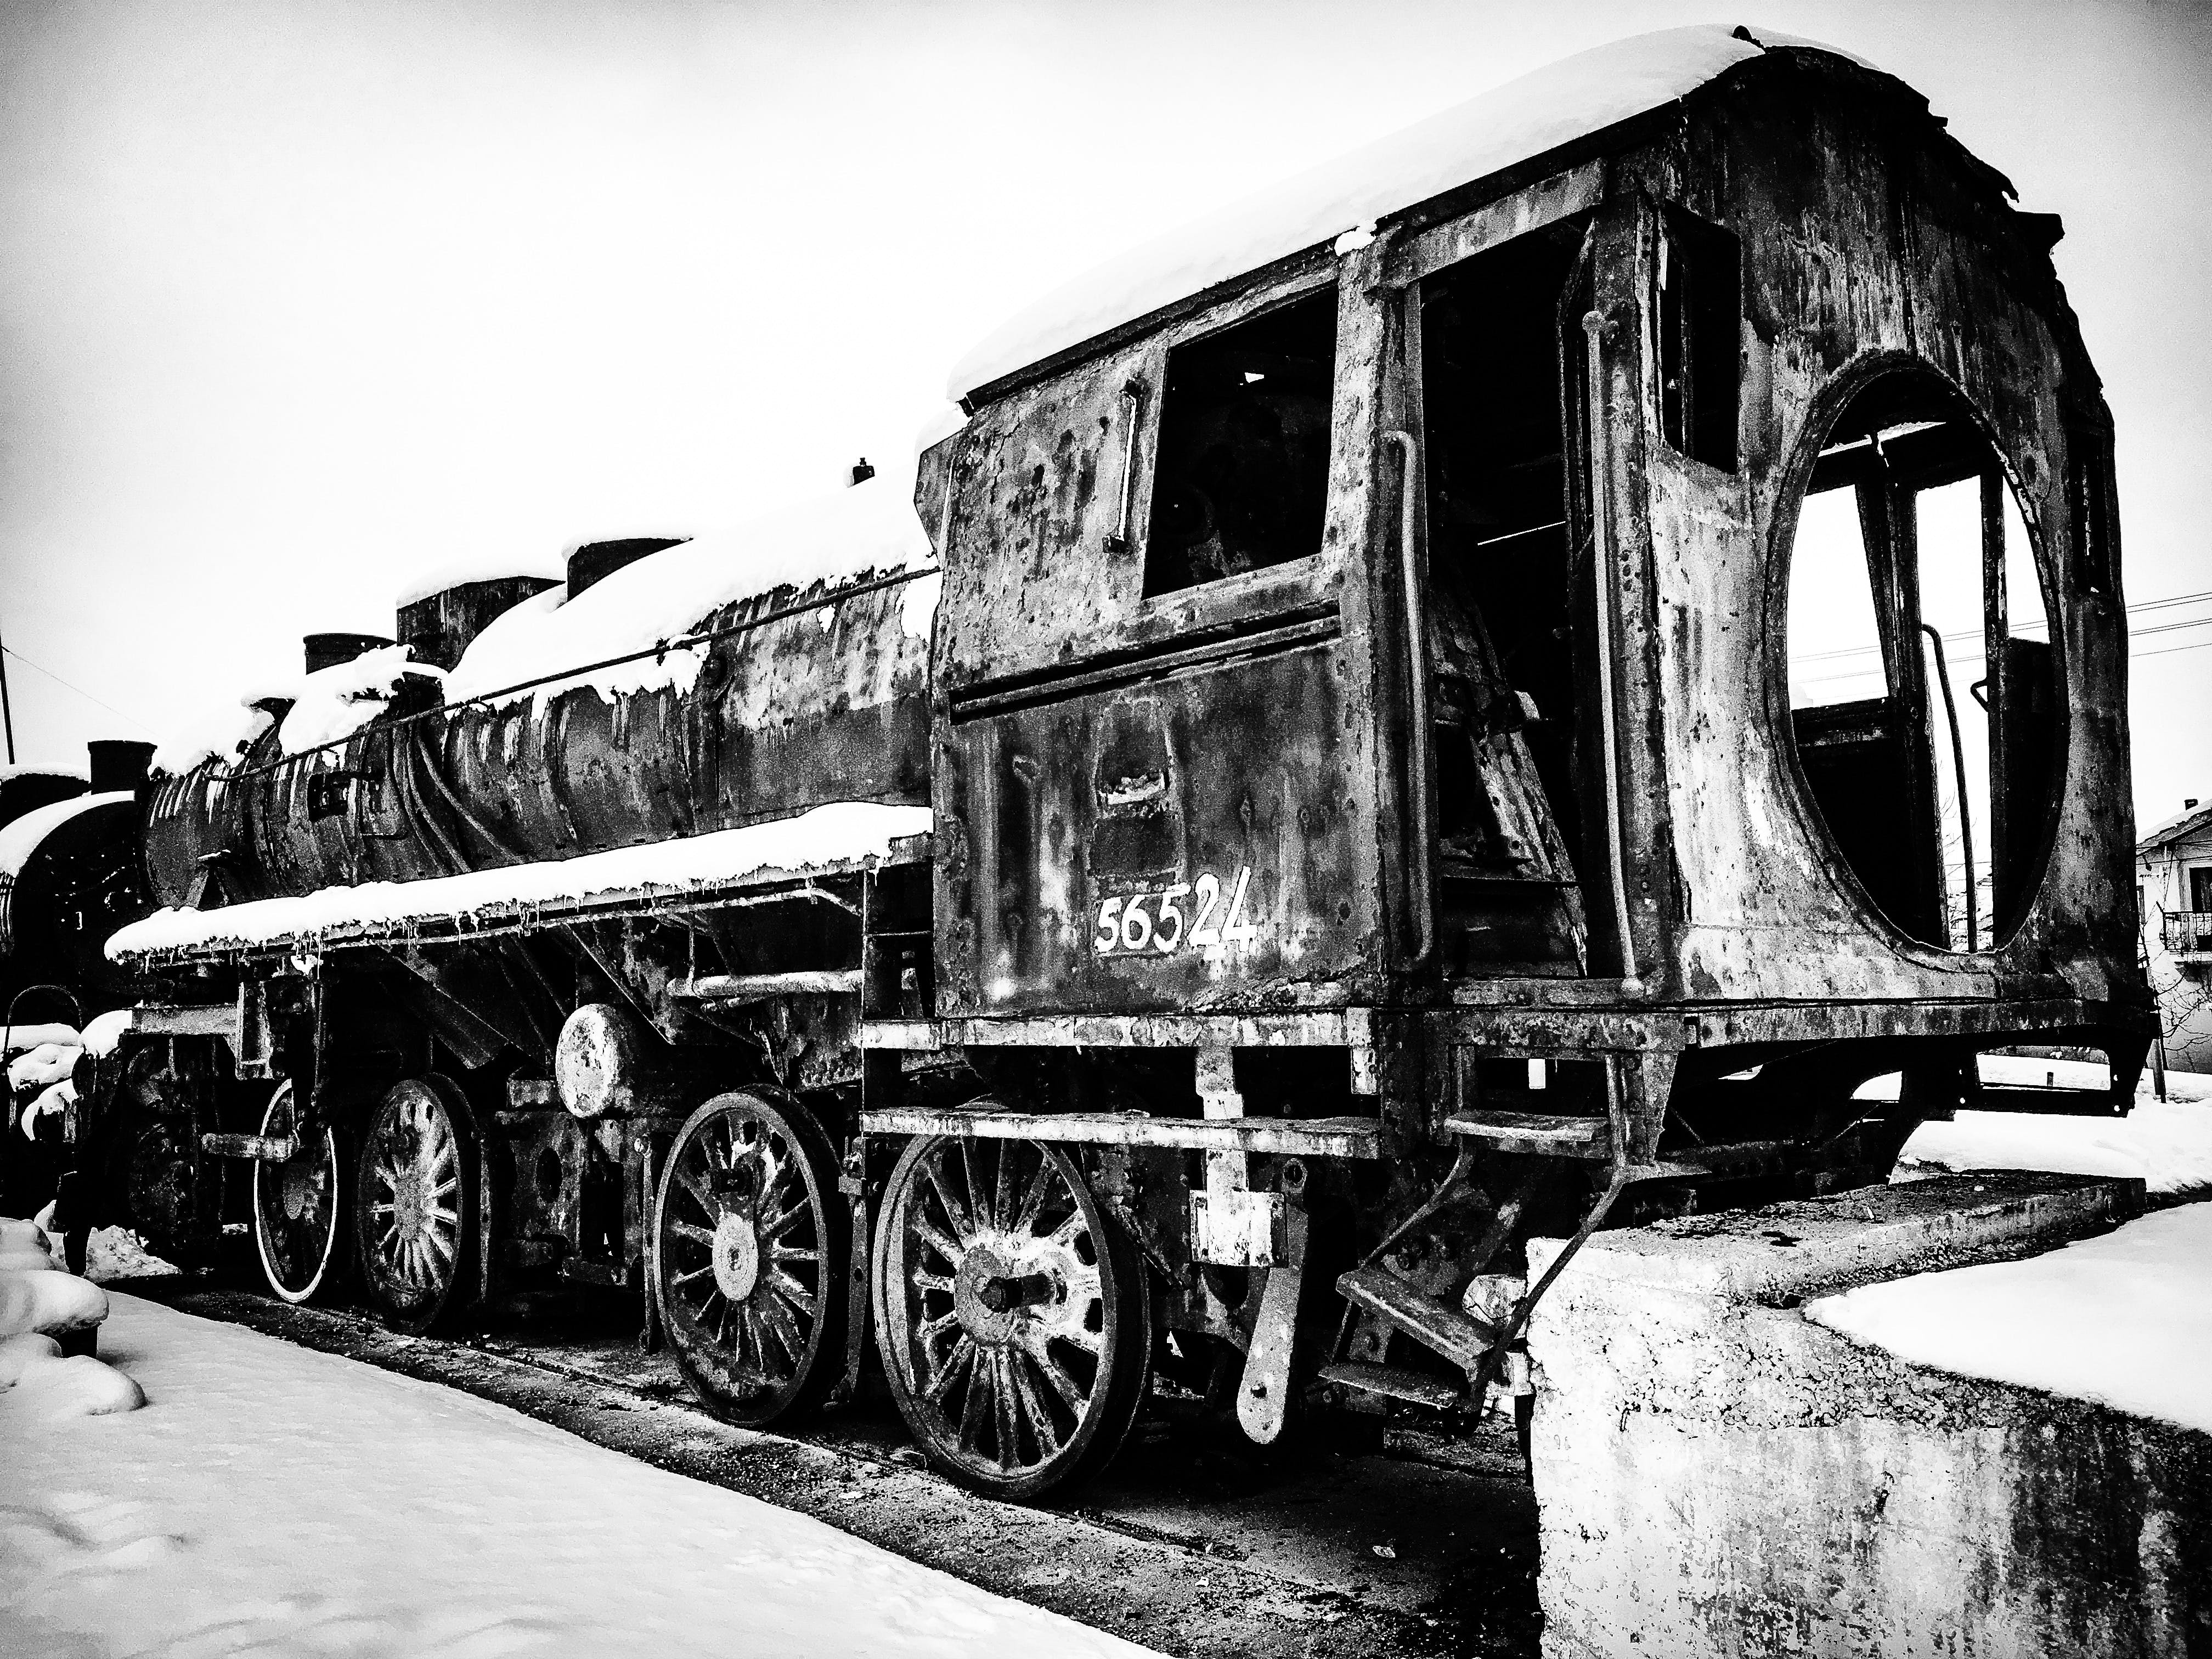 Δωρεάν στοκ φωτογραφιών με vintage, ασπρόμαυρο, ατμομηχανή, ατσάλι